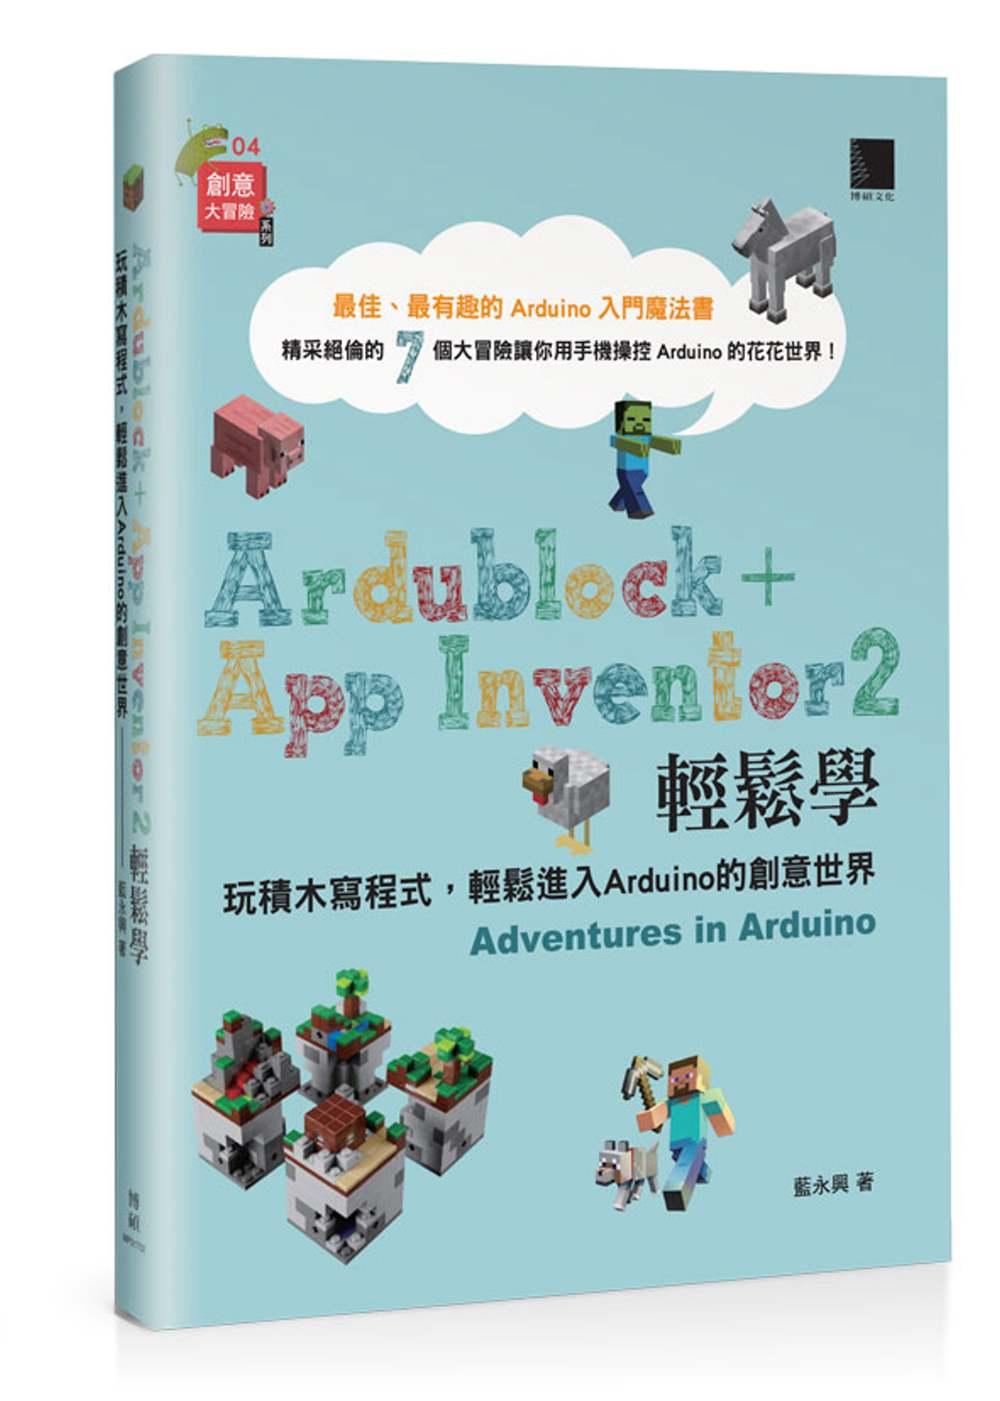 ◤博客來BOOKS◢ 暢銷書榜《推薦》Ardublock + App Inventor 2 輕鬆學:玩積木寫程式,輕鬆進入Arduino的創意世界